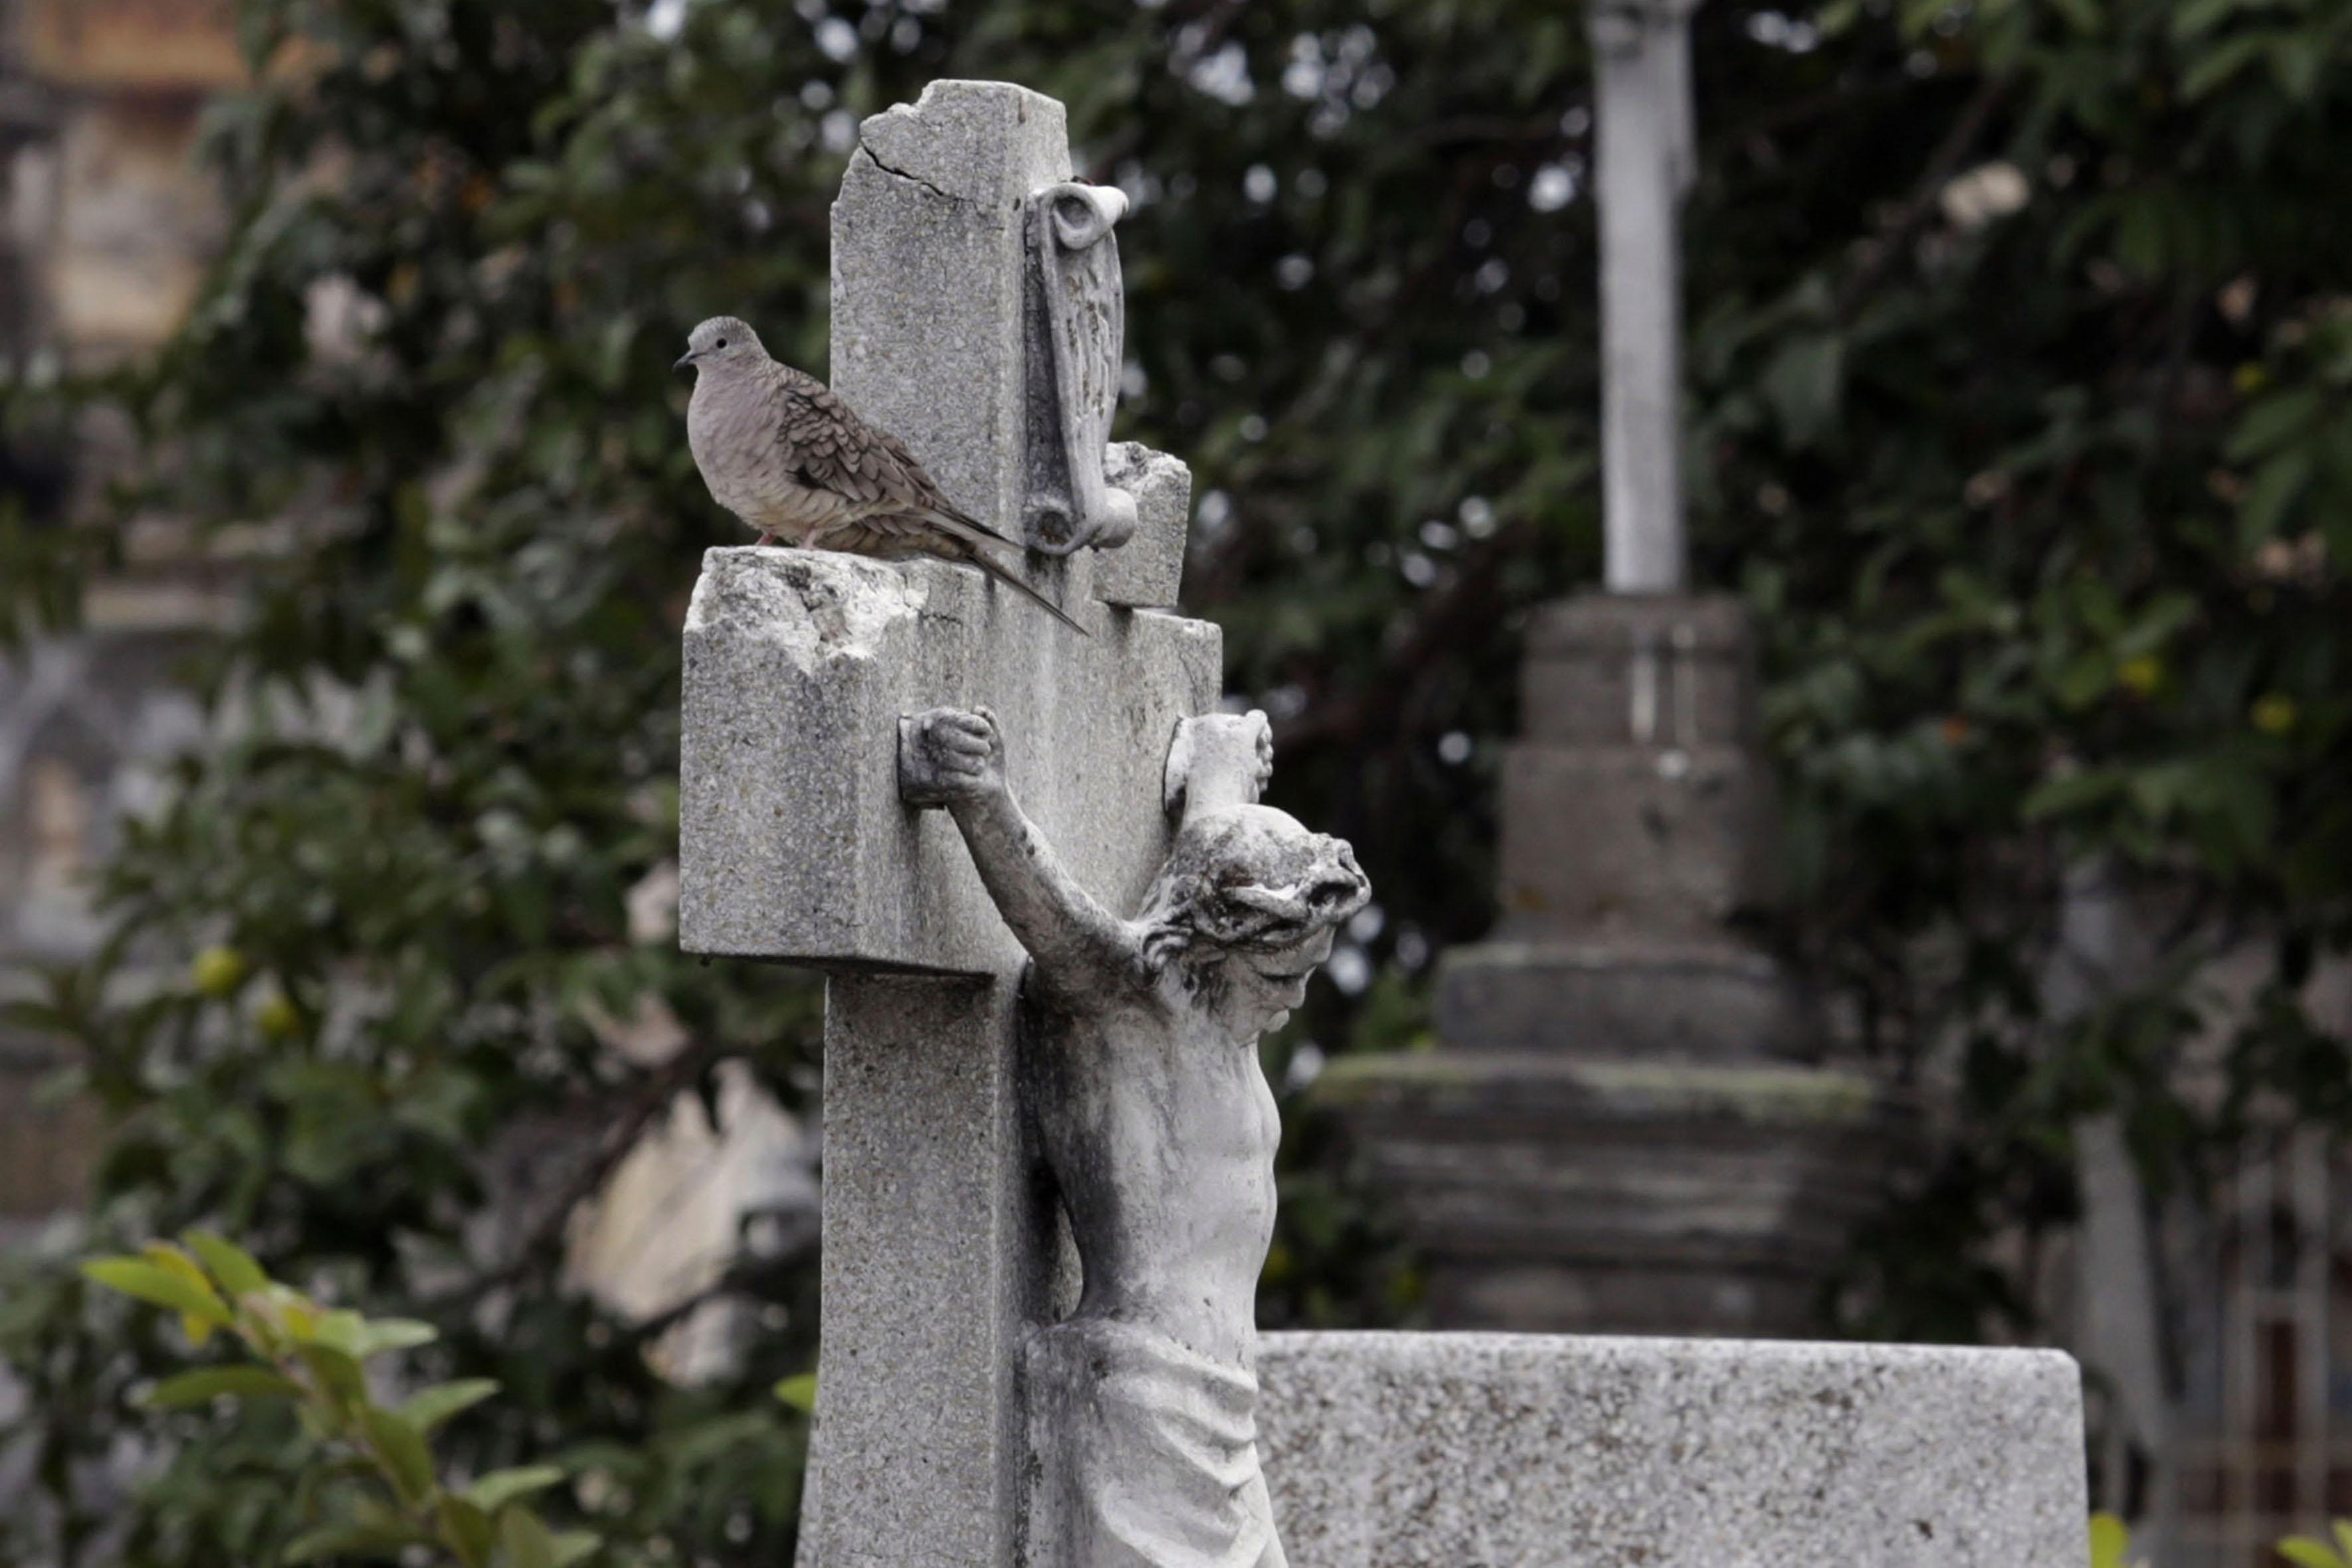 Especie de tórtola, parada en la lápida de una tumba.